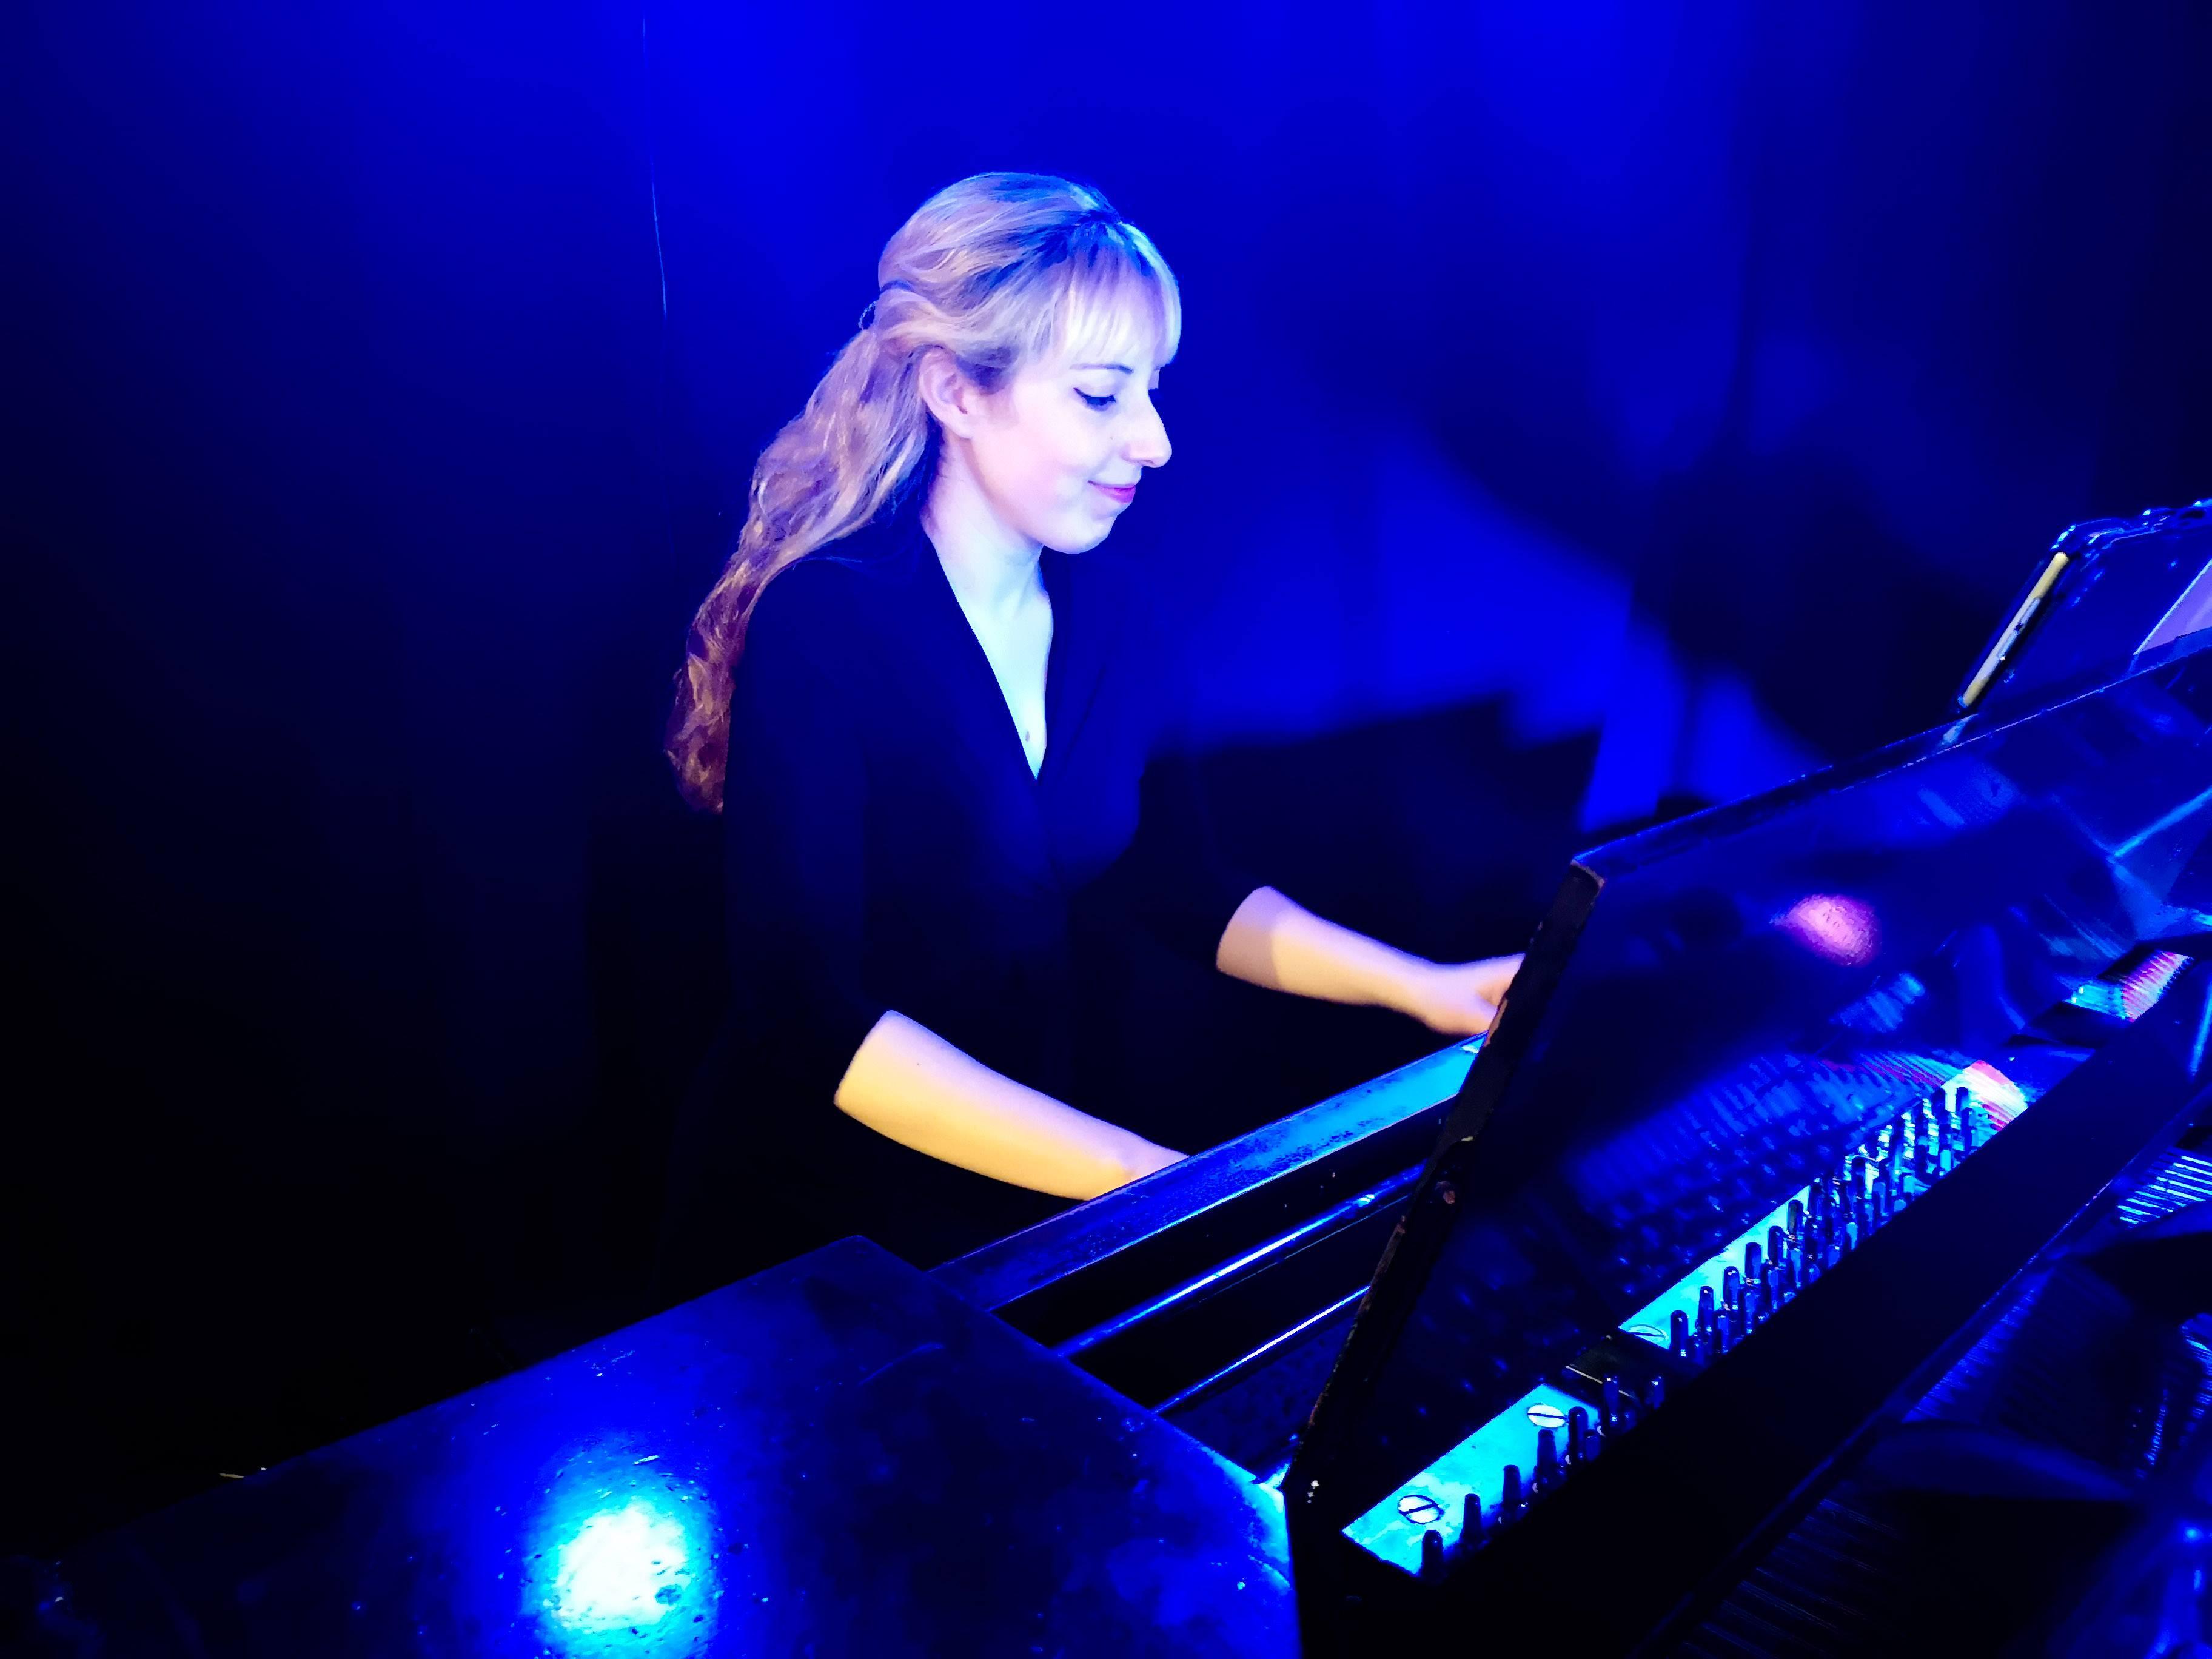 Laurence a donné un concert le 4 juin dernier au Résonance Café pour le lancement de son album